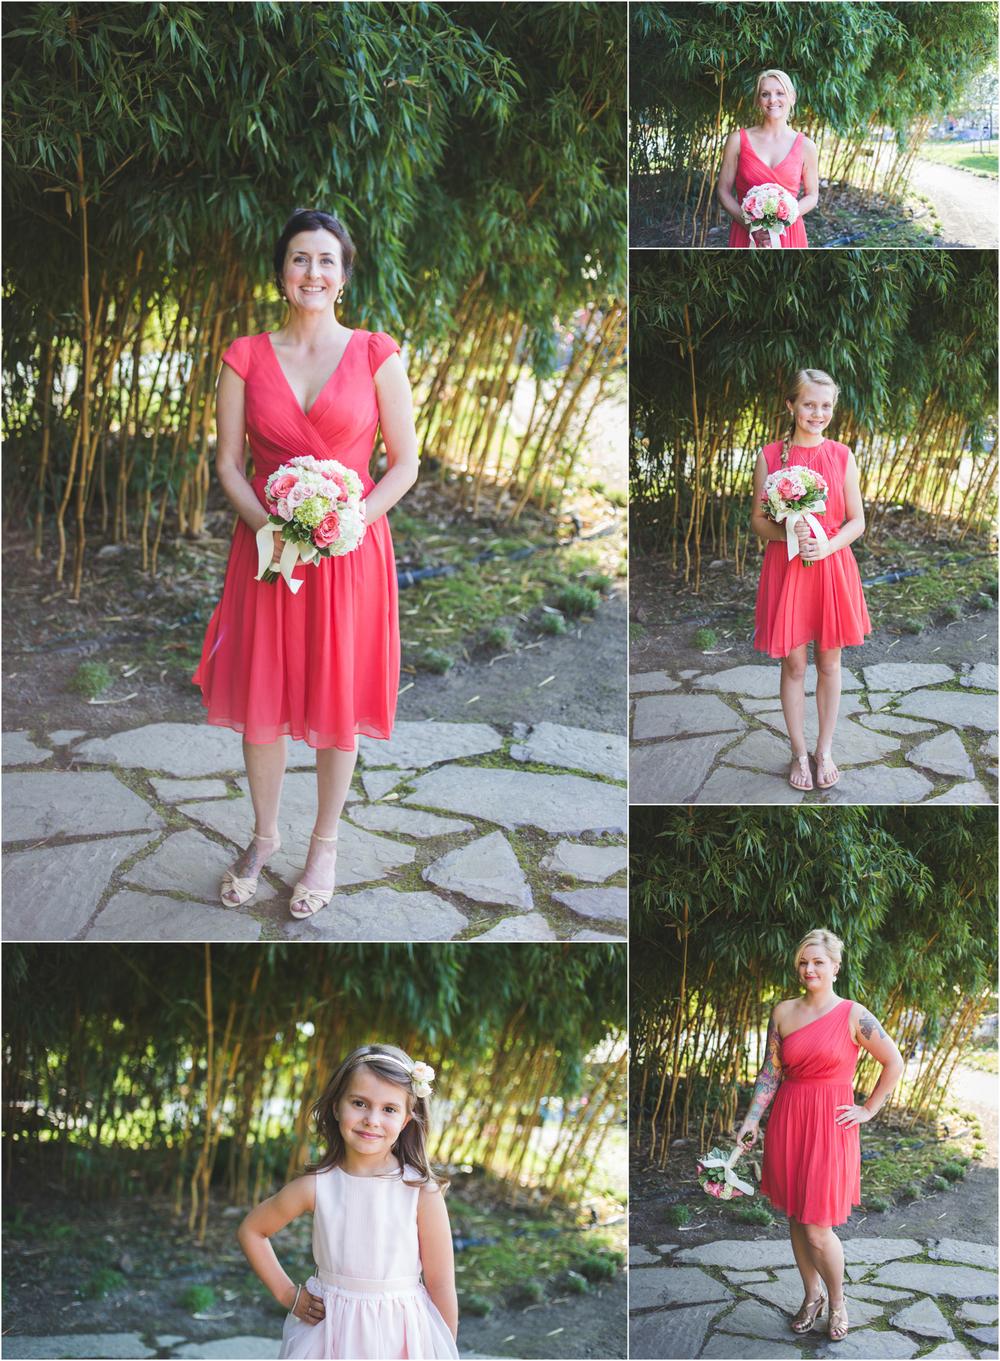 ashley vos photography seattle tacoma area engagement wedding photographer_0689.jpg